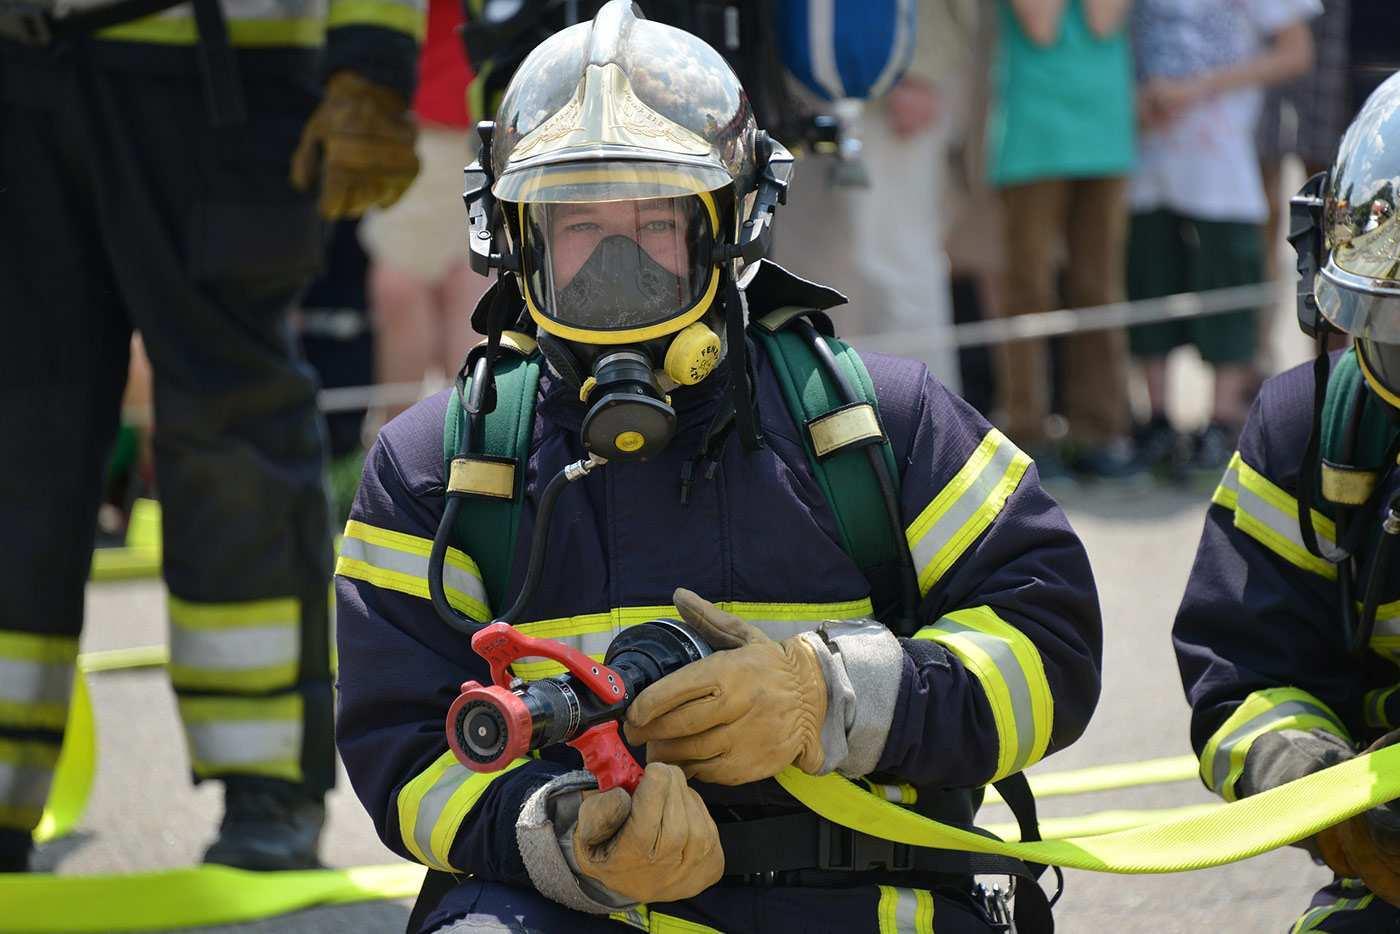 Personliche Schutzausrustung Sichere Feuerwehr